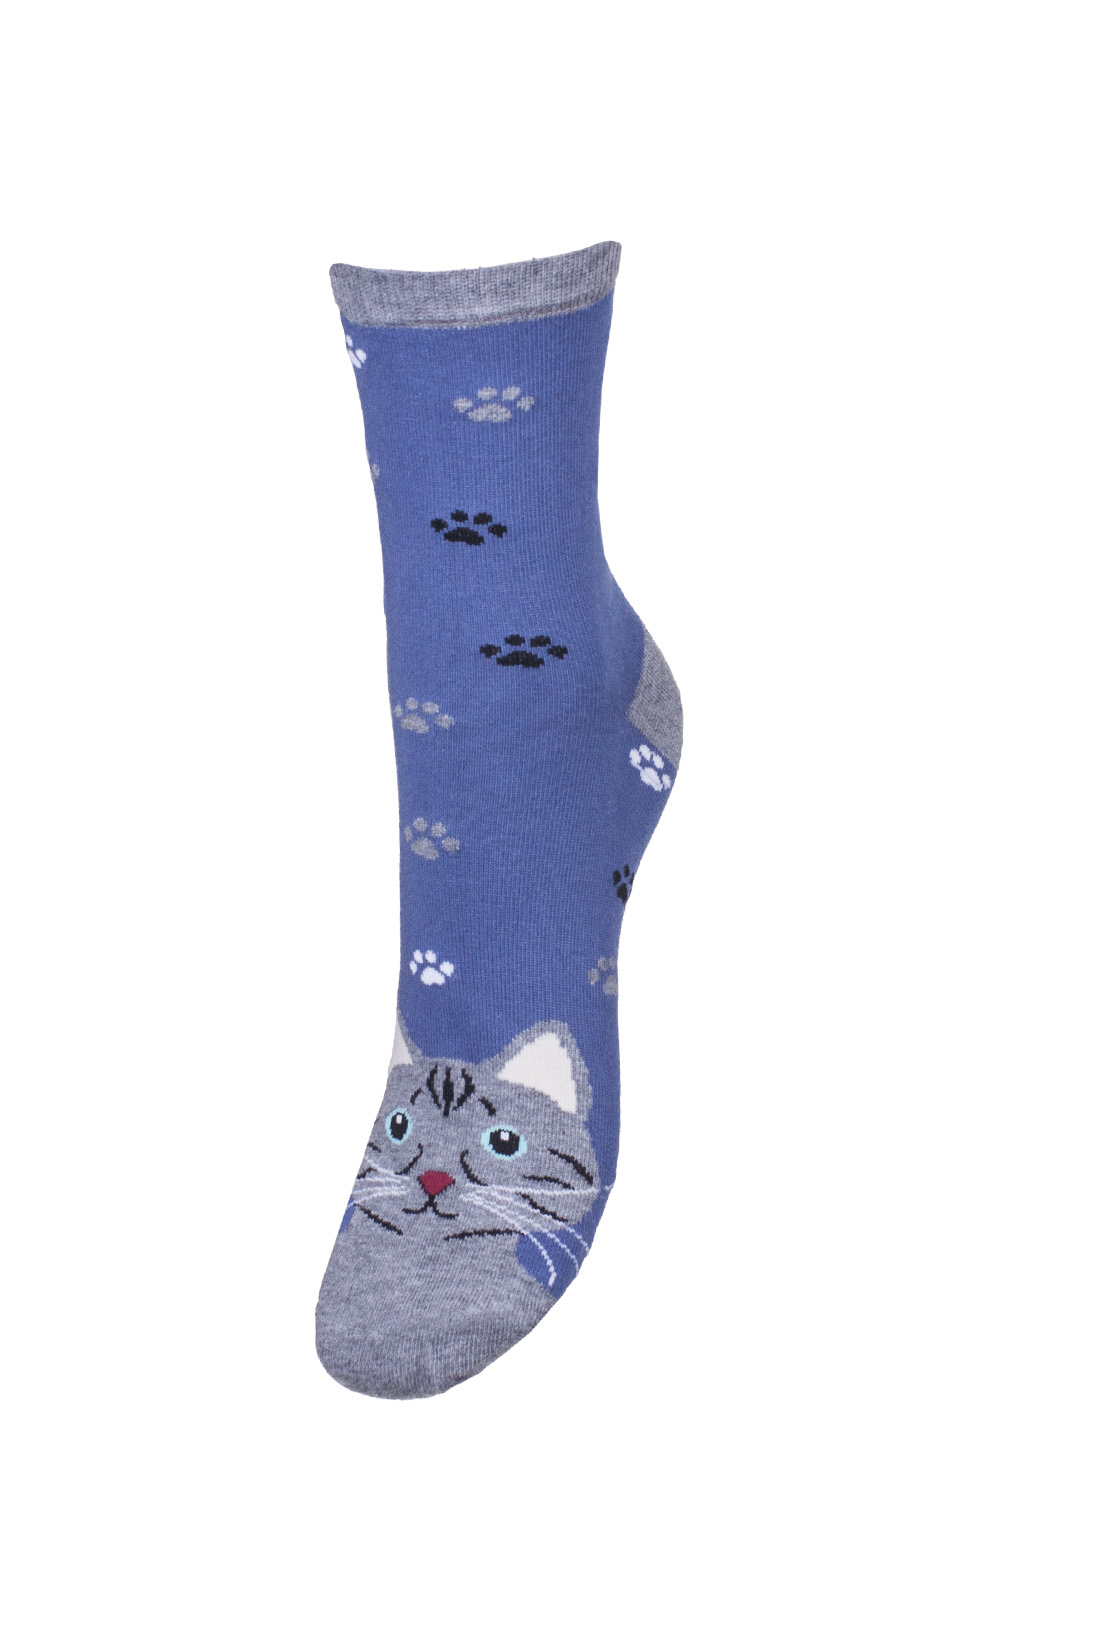 Kolorowe skarpetki damskie z kotem oraz odciskami łap, niebieskie z szarym wykończeniem